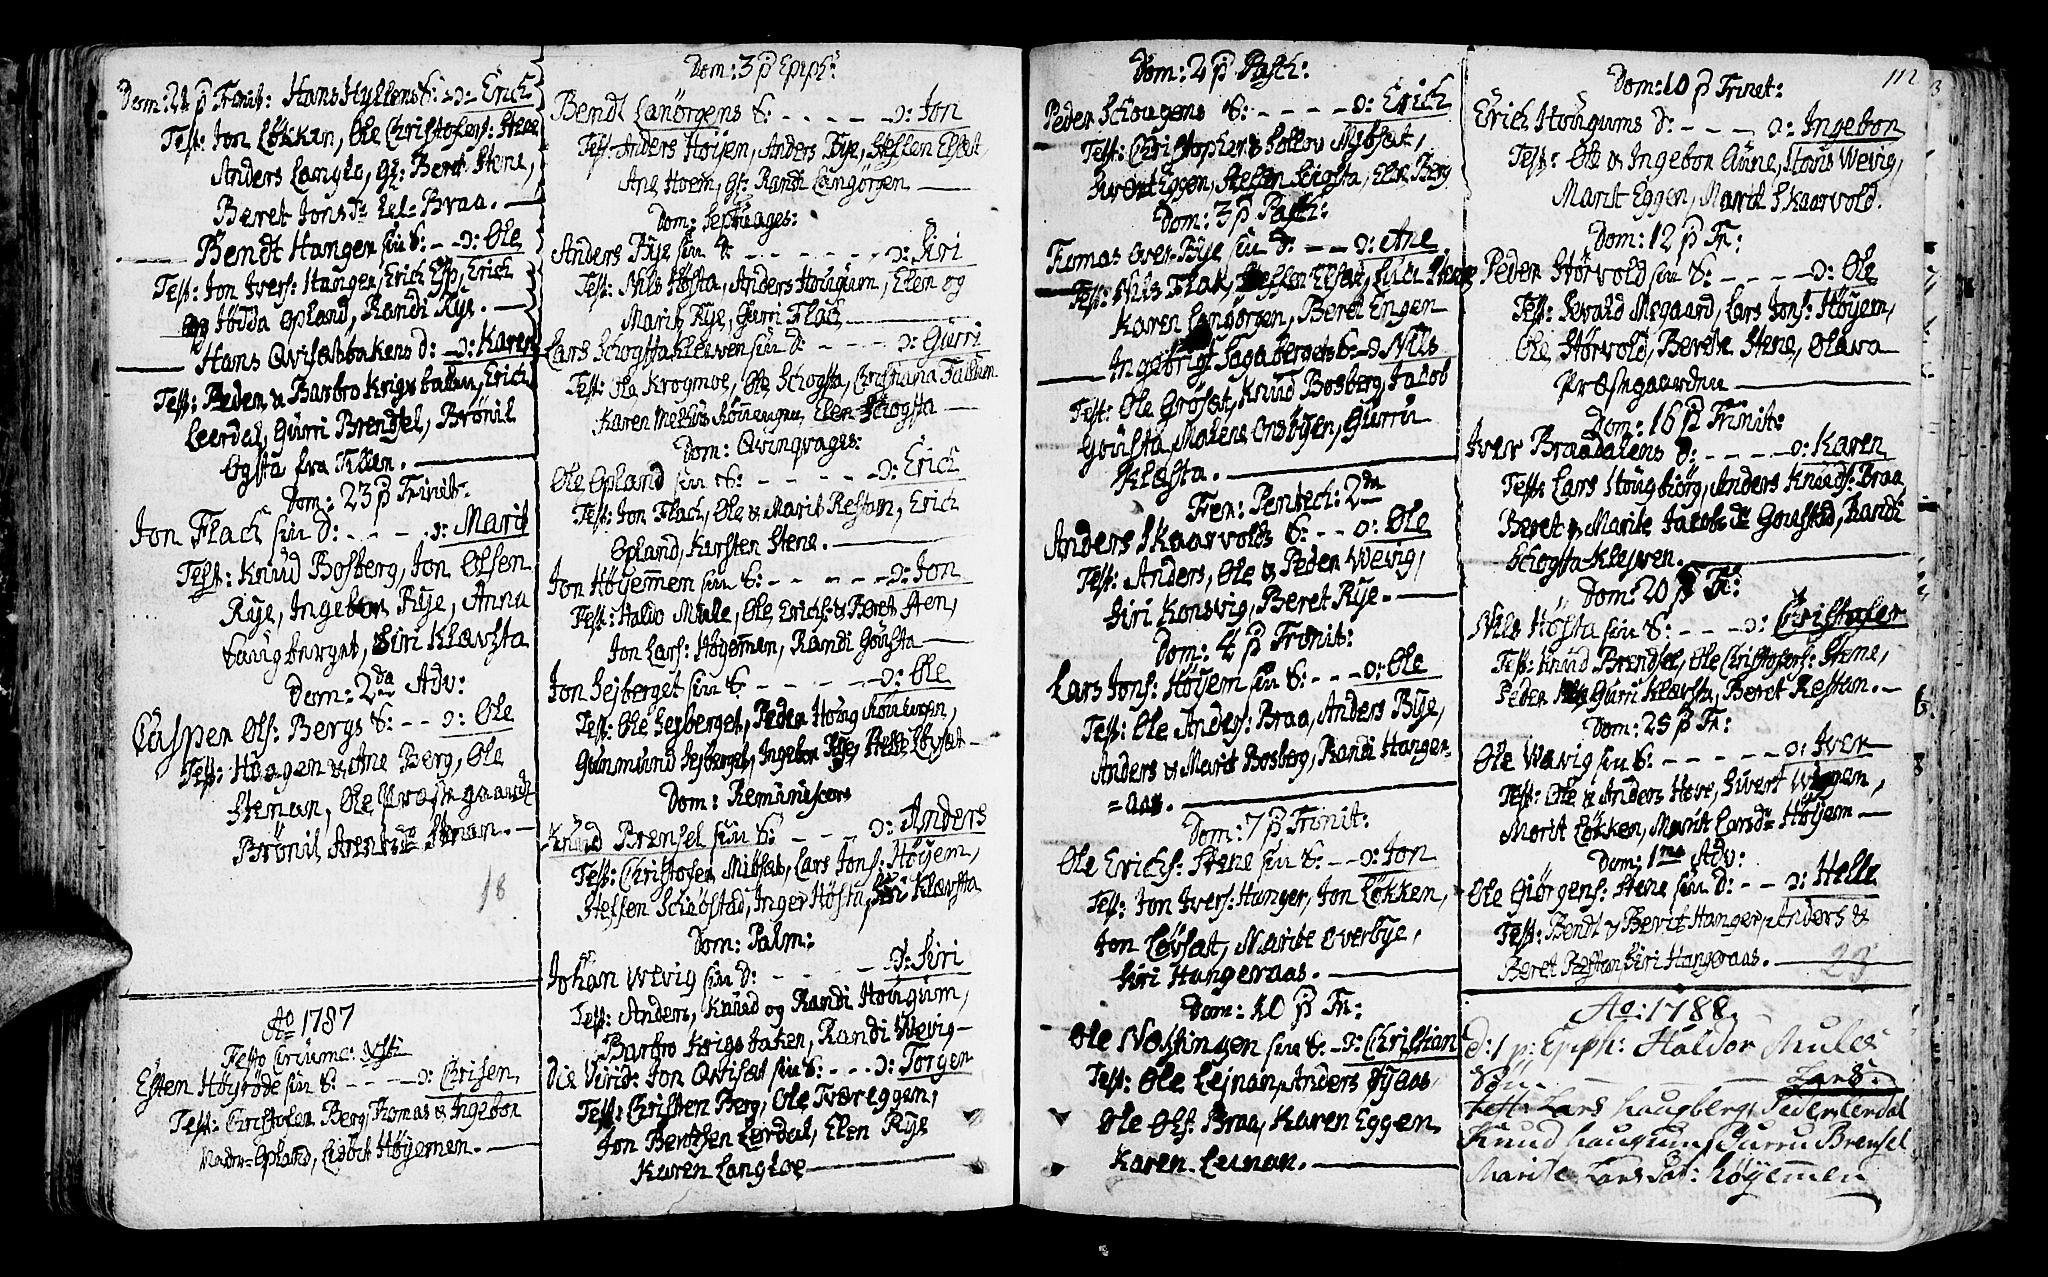 SAT, Ministerialprotokoller, klokkerbøker og fødselsregistre - Sør-Trøndelag, 612/L0370: Ministerialbok nr. 612A04, 1754-1802, s. 112